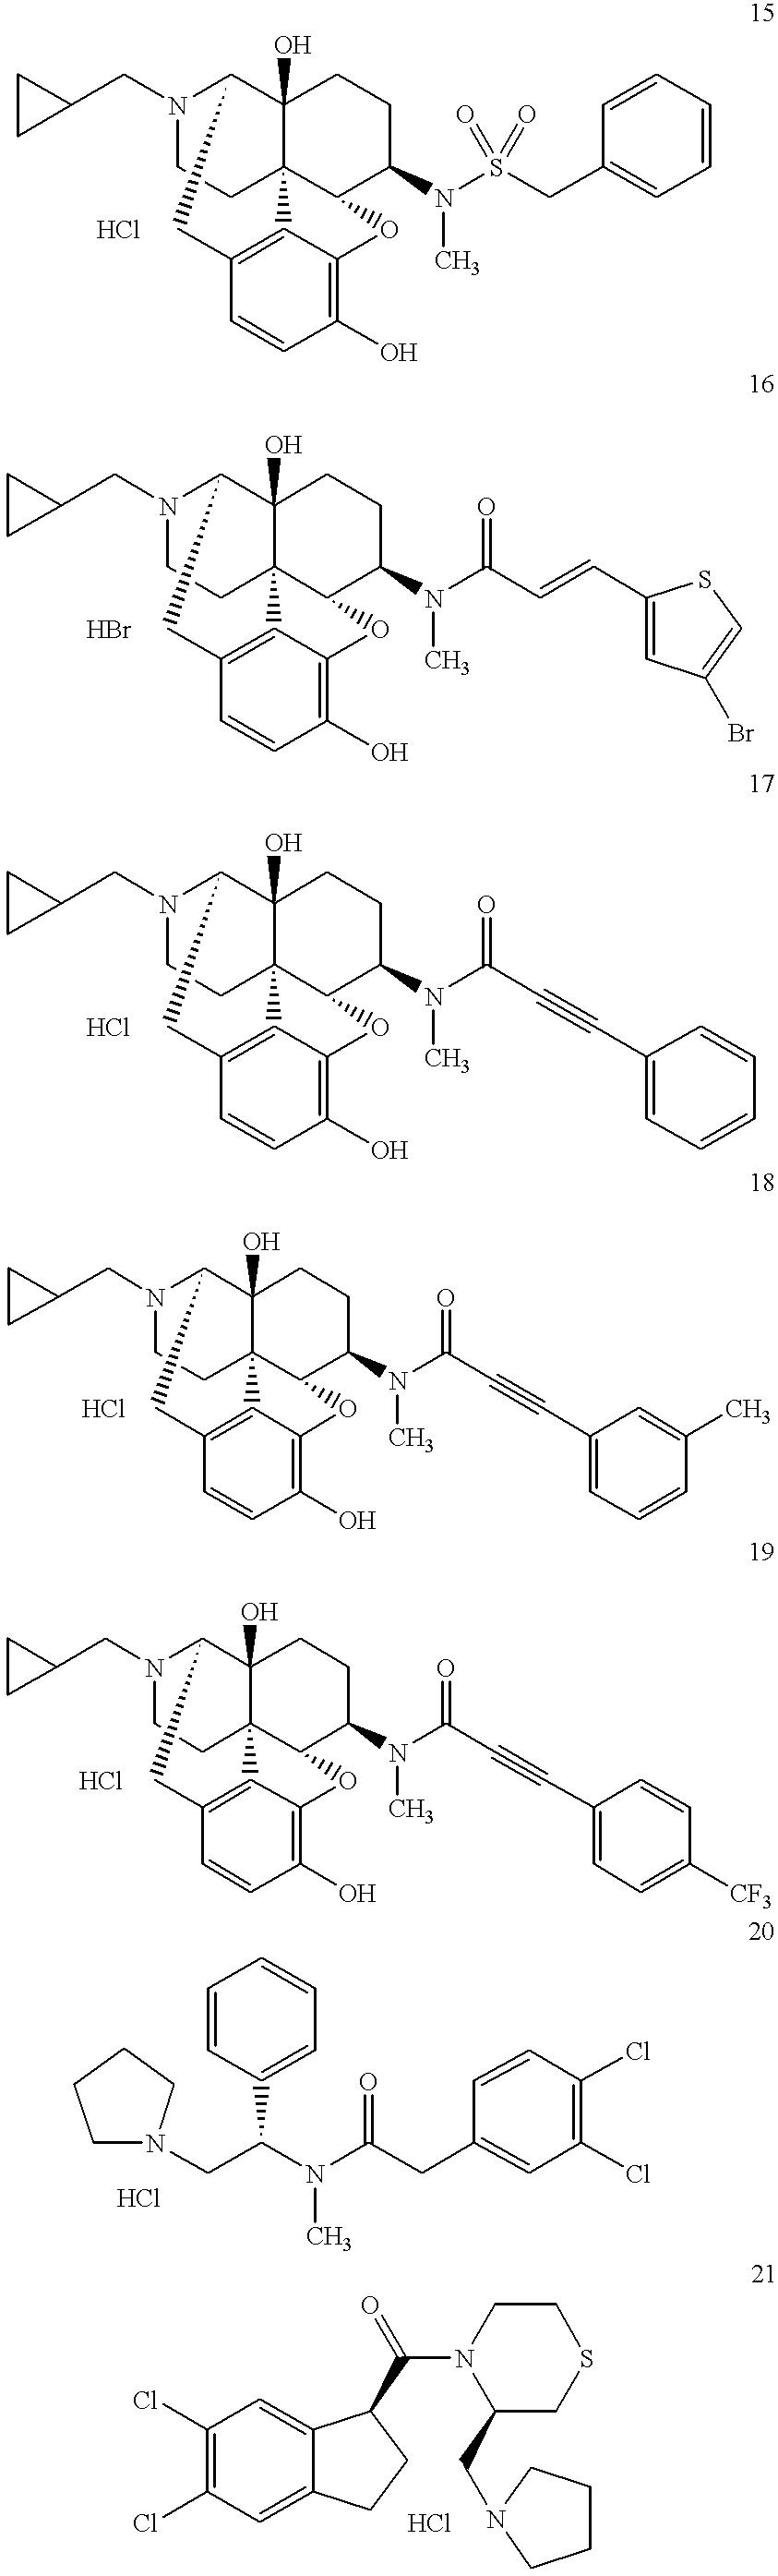 Figure US06174891-20010116-C00054